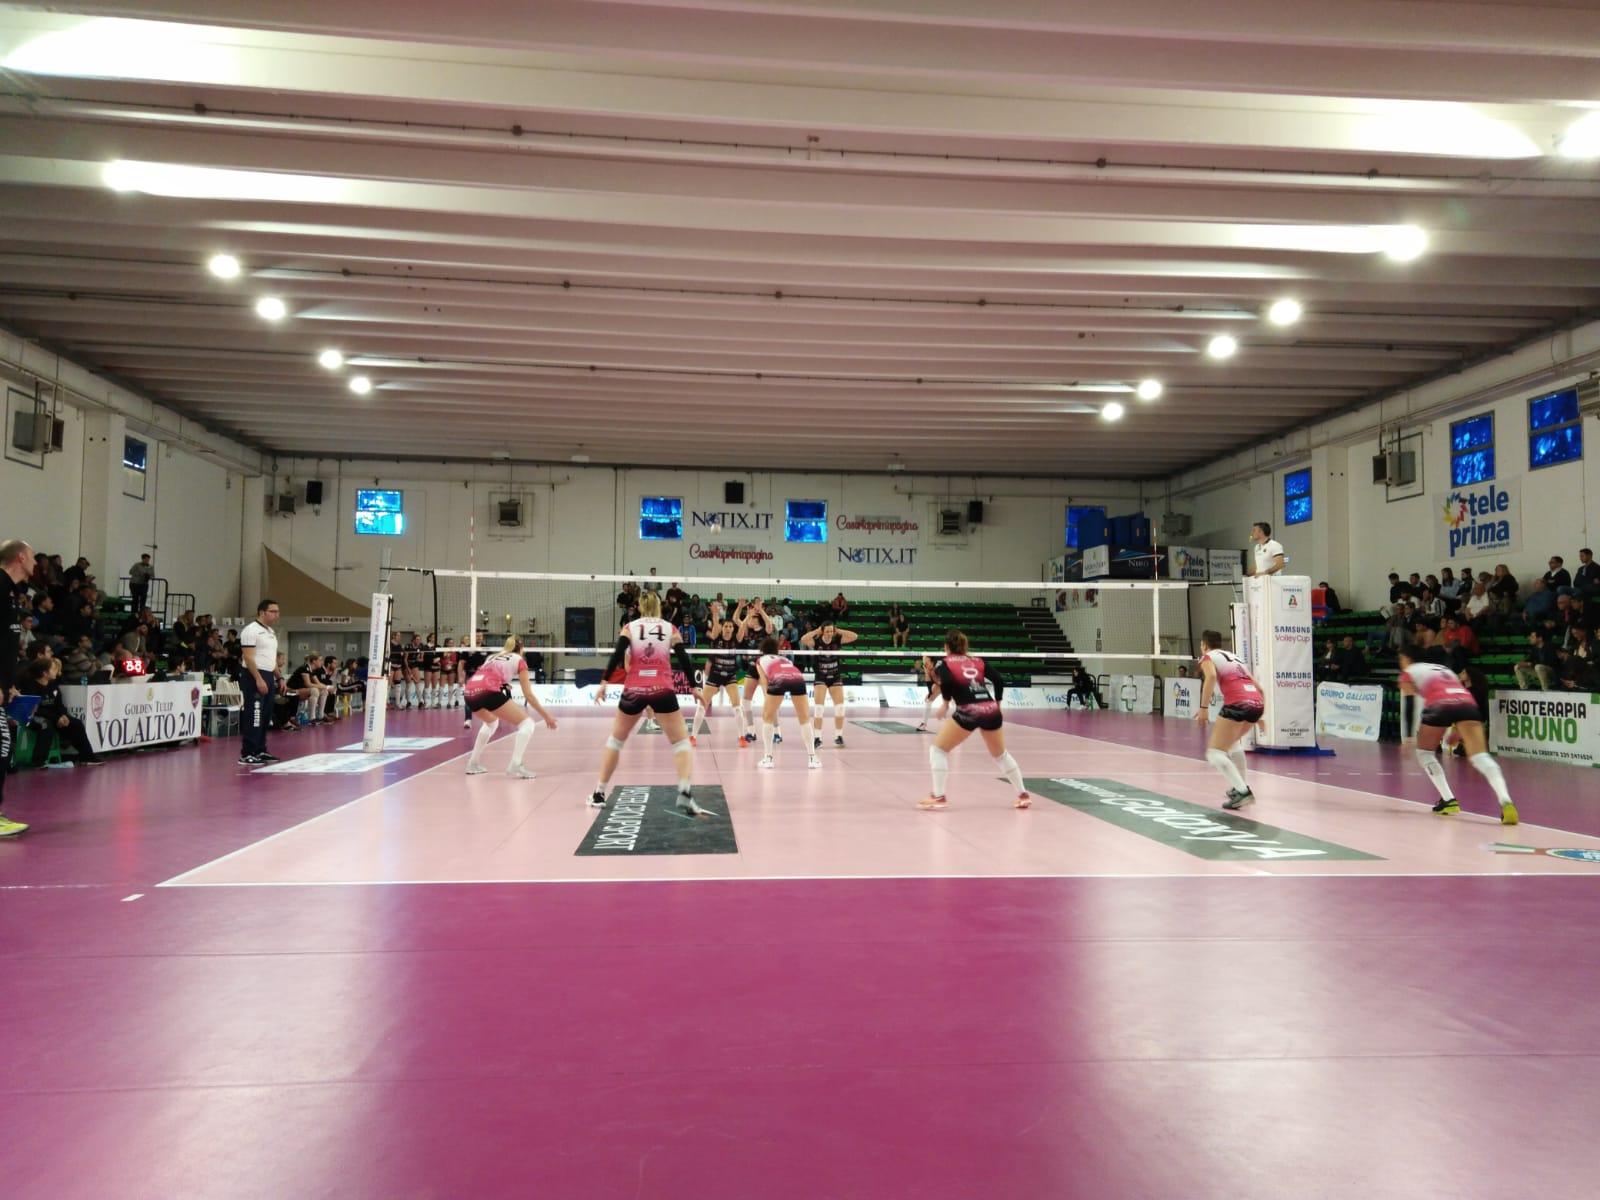 Volley, annuncio Volalto: annullato il contratto di Francesca Marcon